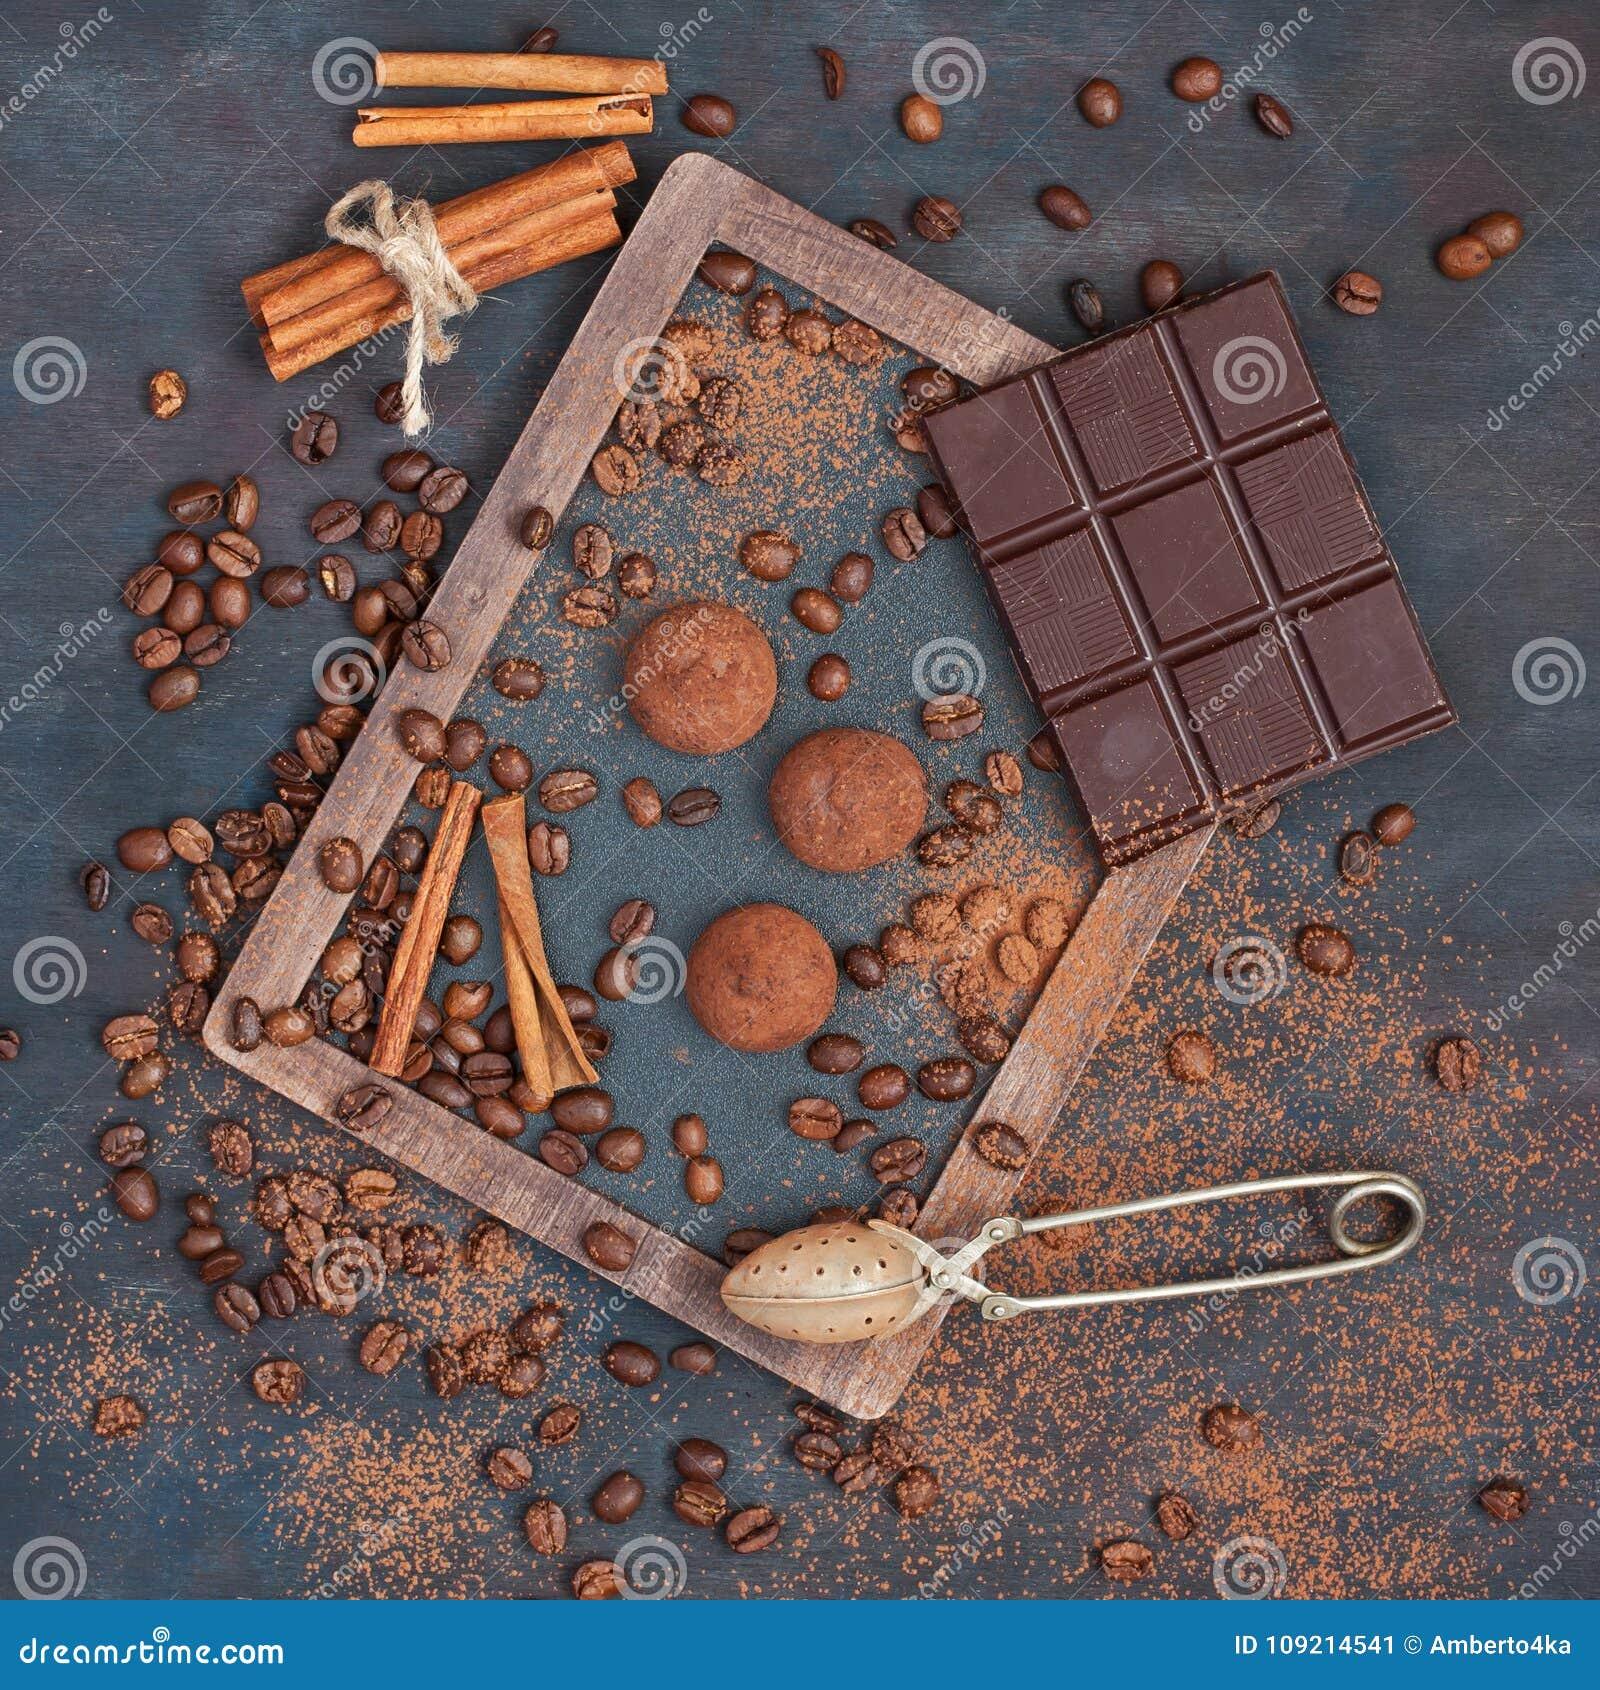 Hintergrund mit Schokolade, Kaffee und Trüffeln